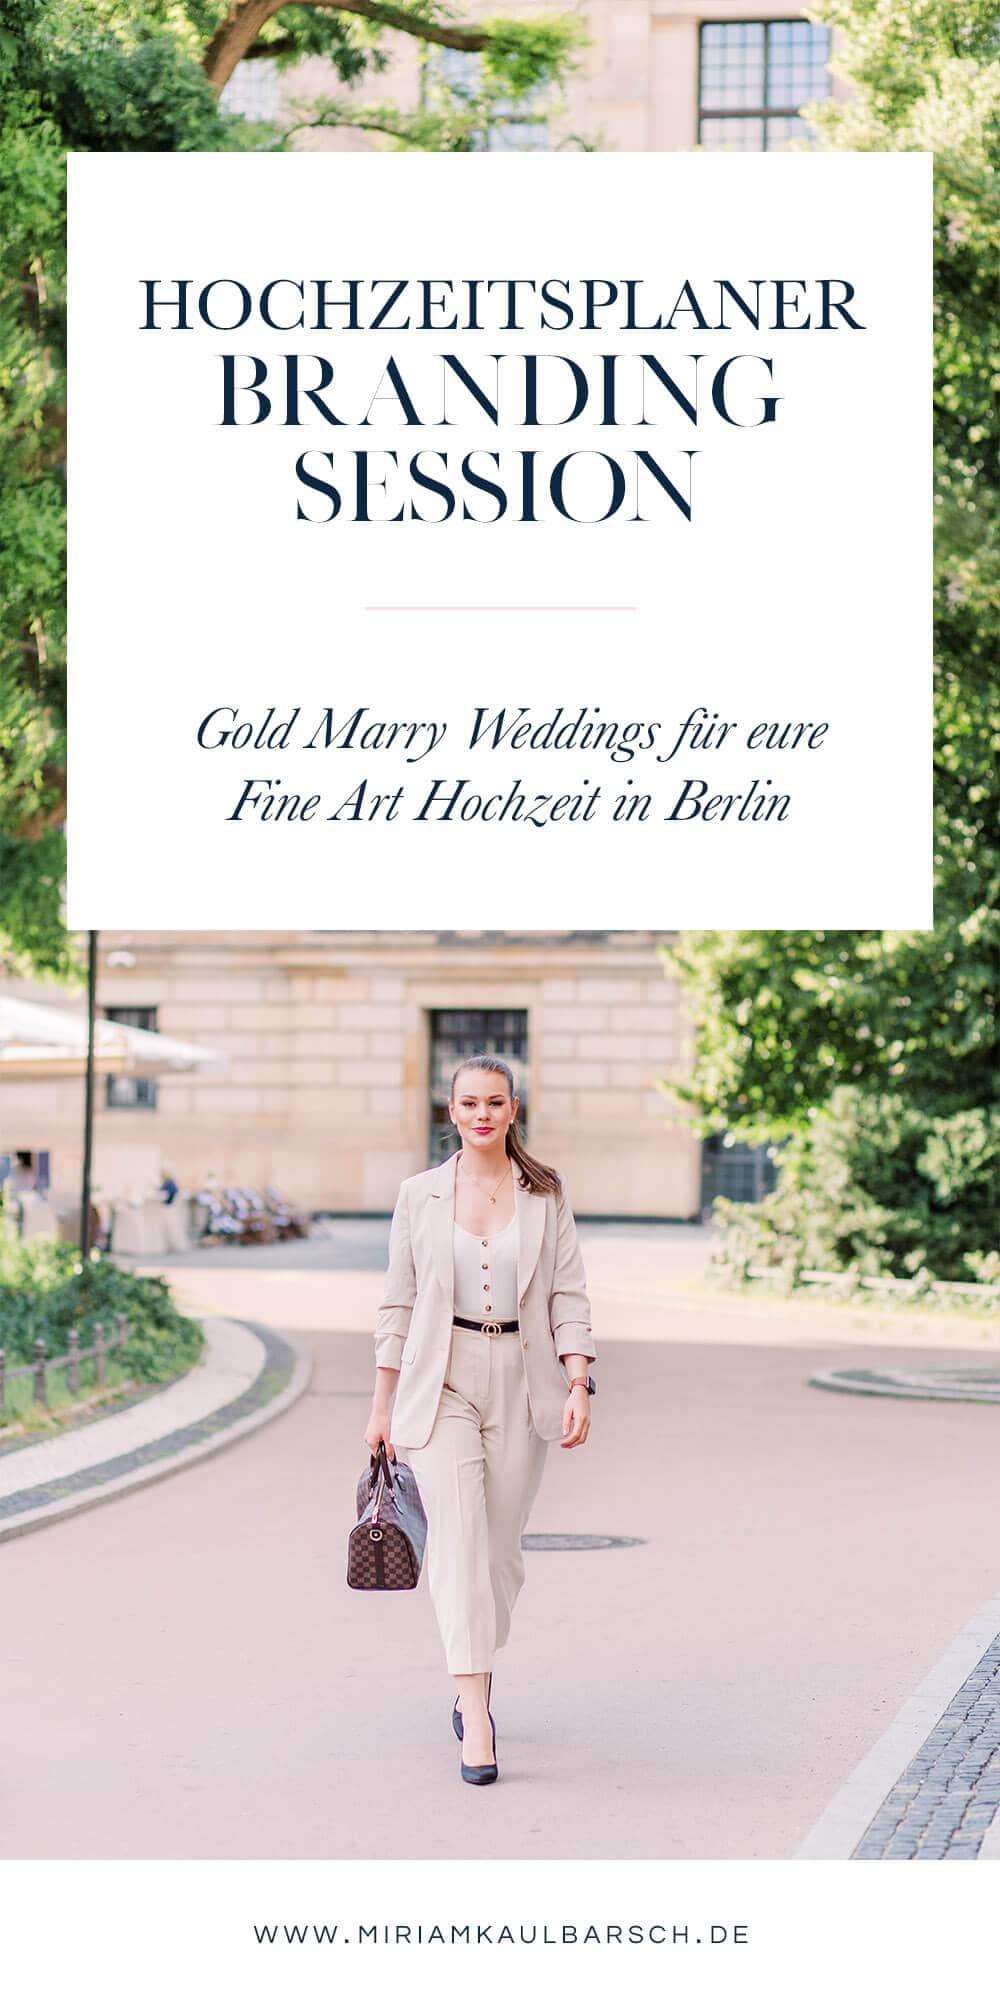 Hochzeitsplaner Branding Session für Gold Marry Wedding Berlin